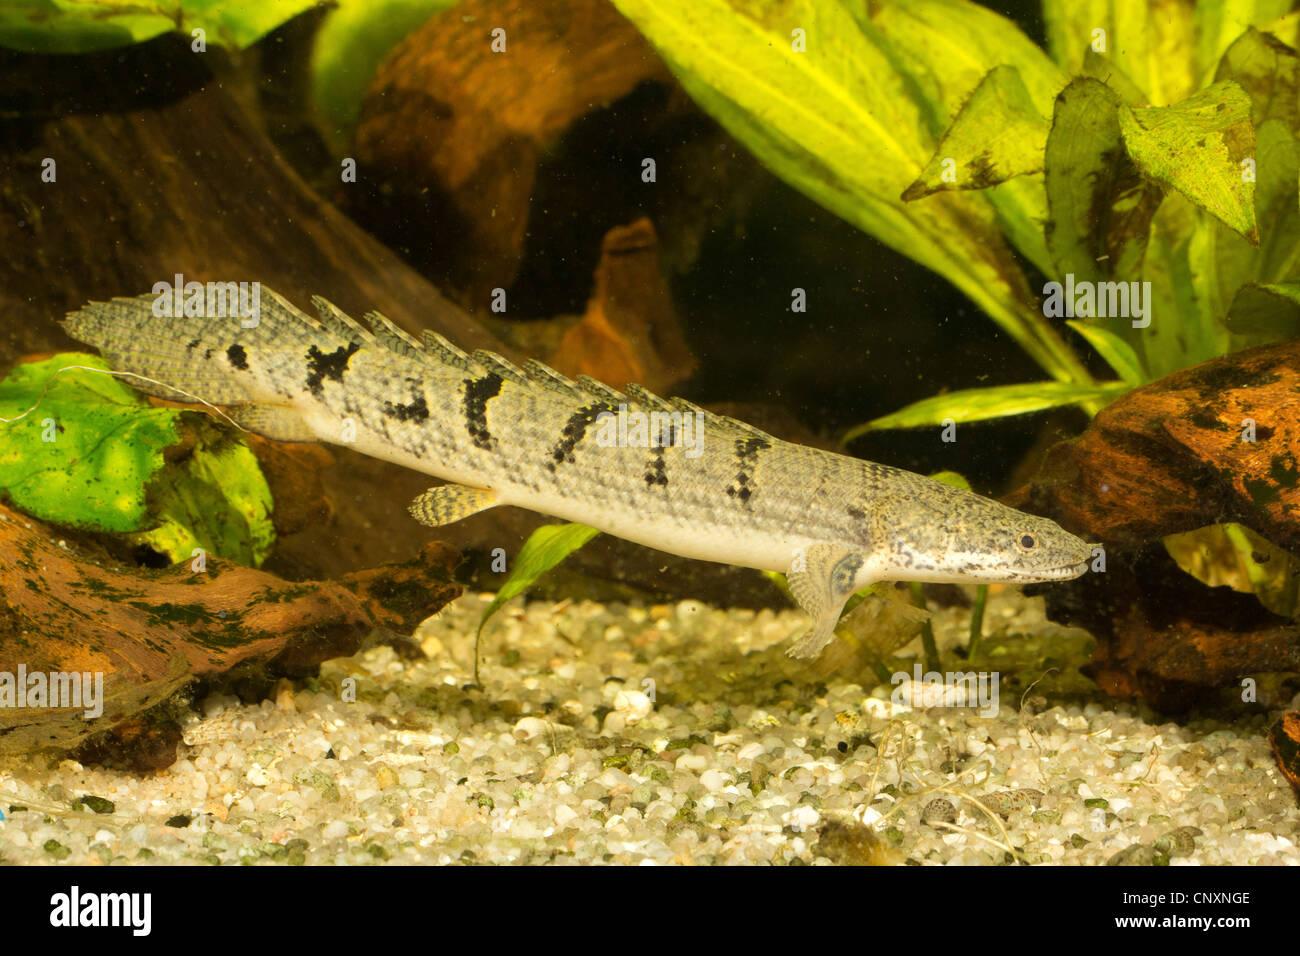 green senegal fish bichir